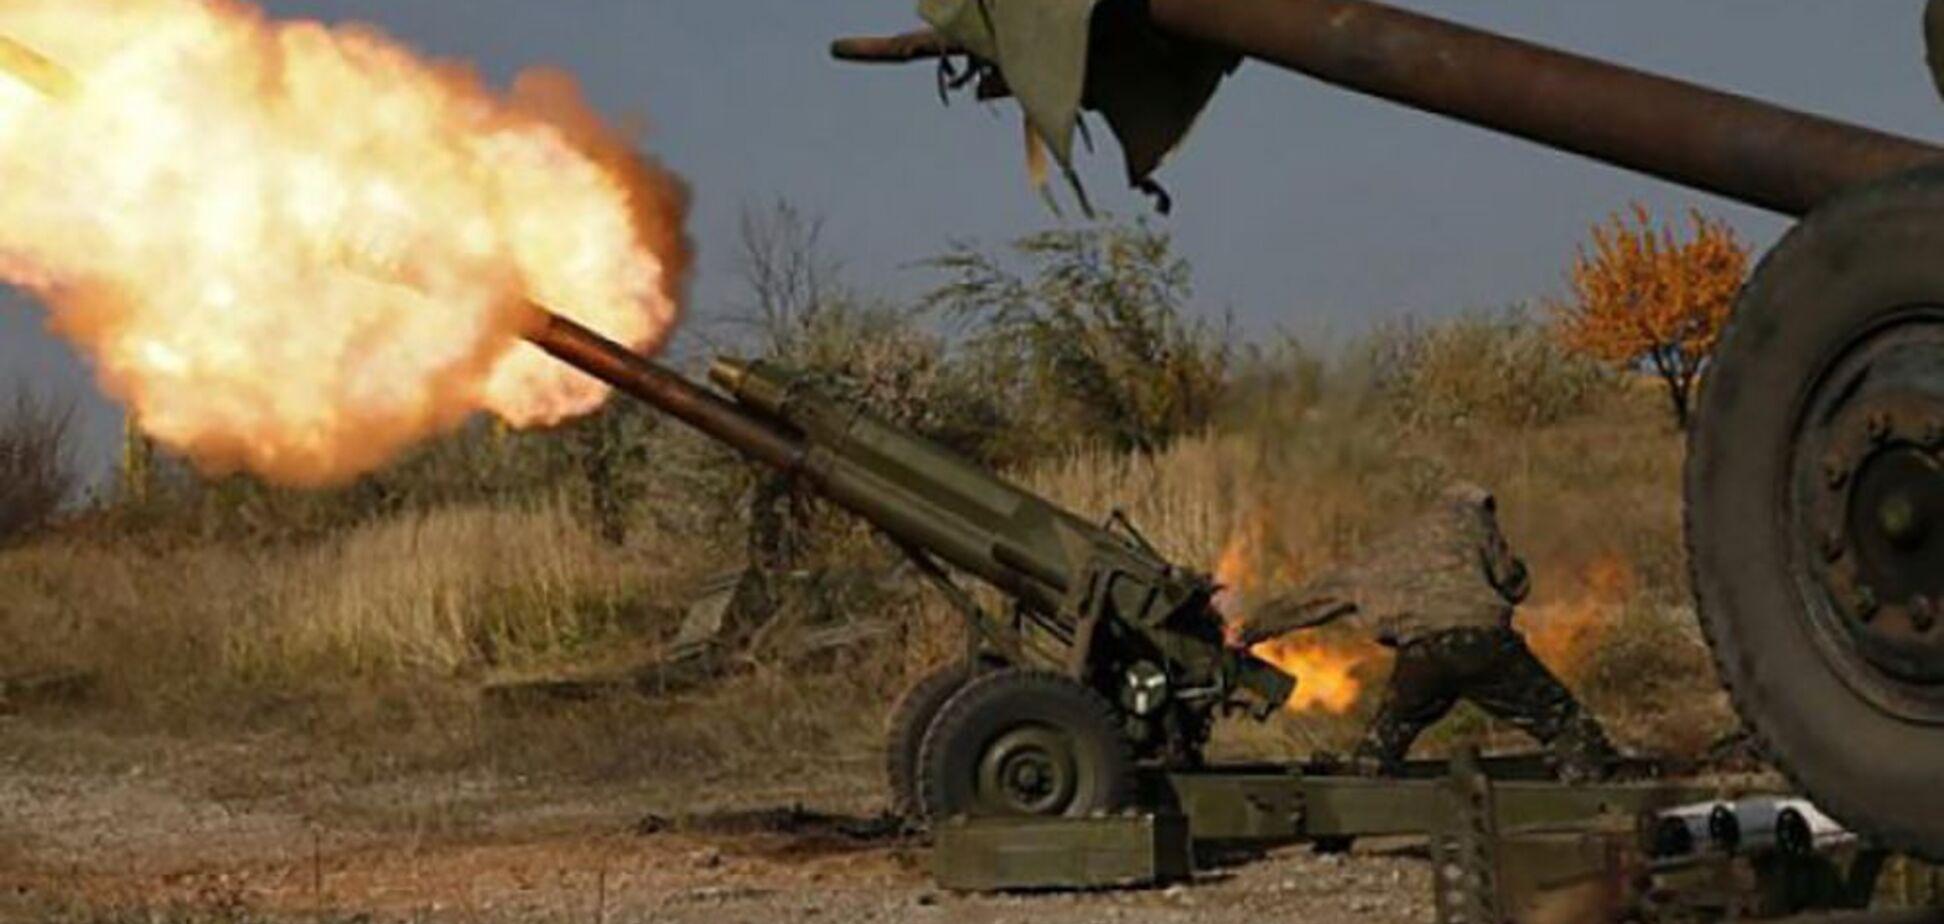 Дали жару: бійці ЗСУ спалили військову техніку окупантів на Донбасі